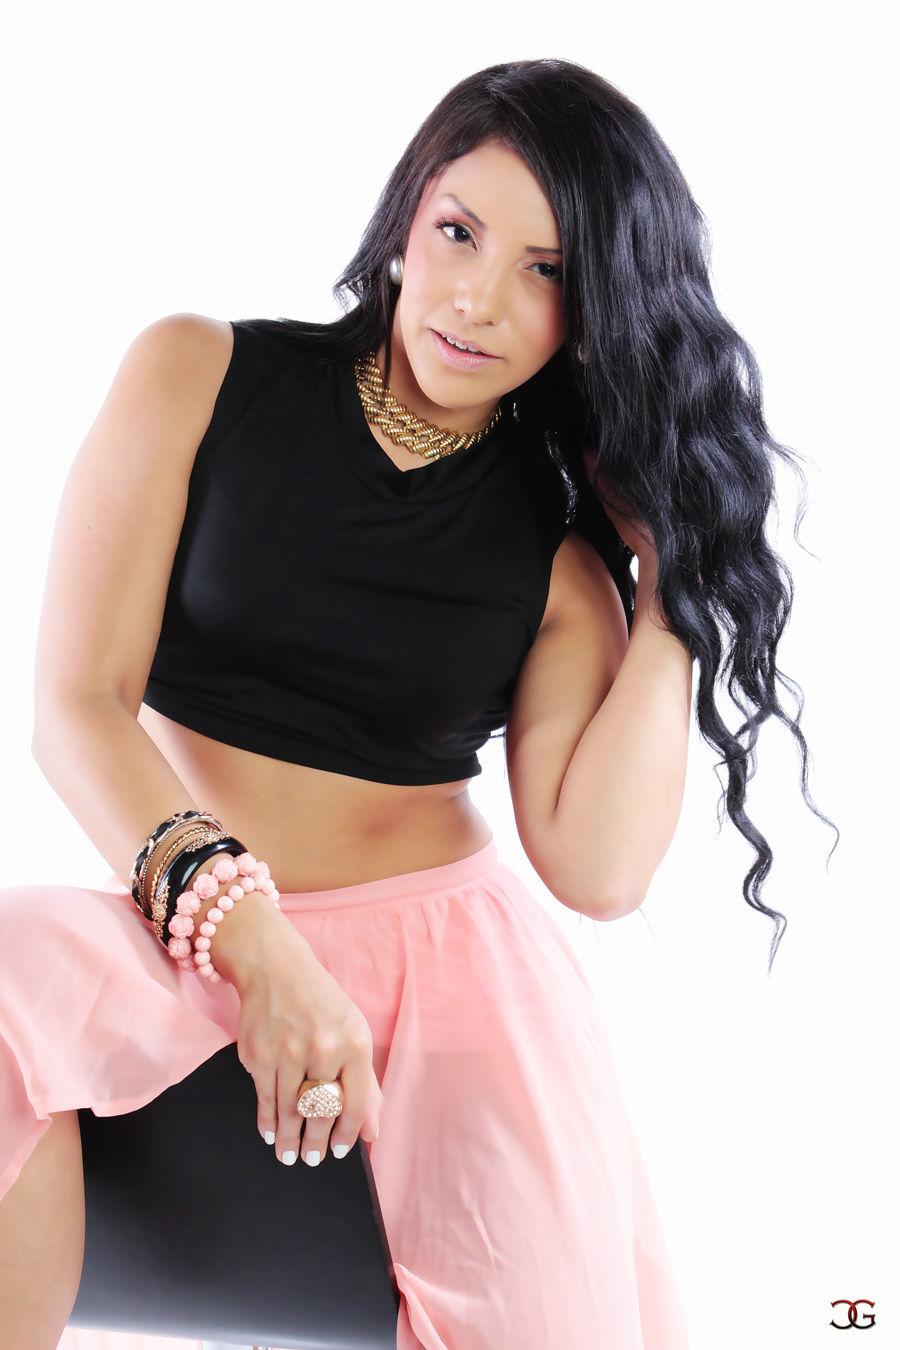 Koraima Guzman Official Model Portfolio website | Wix com